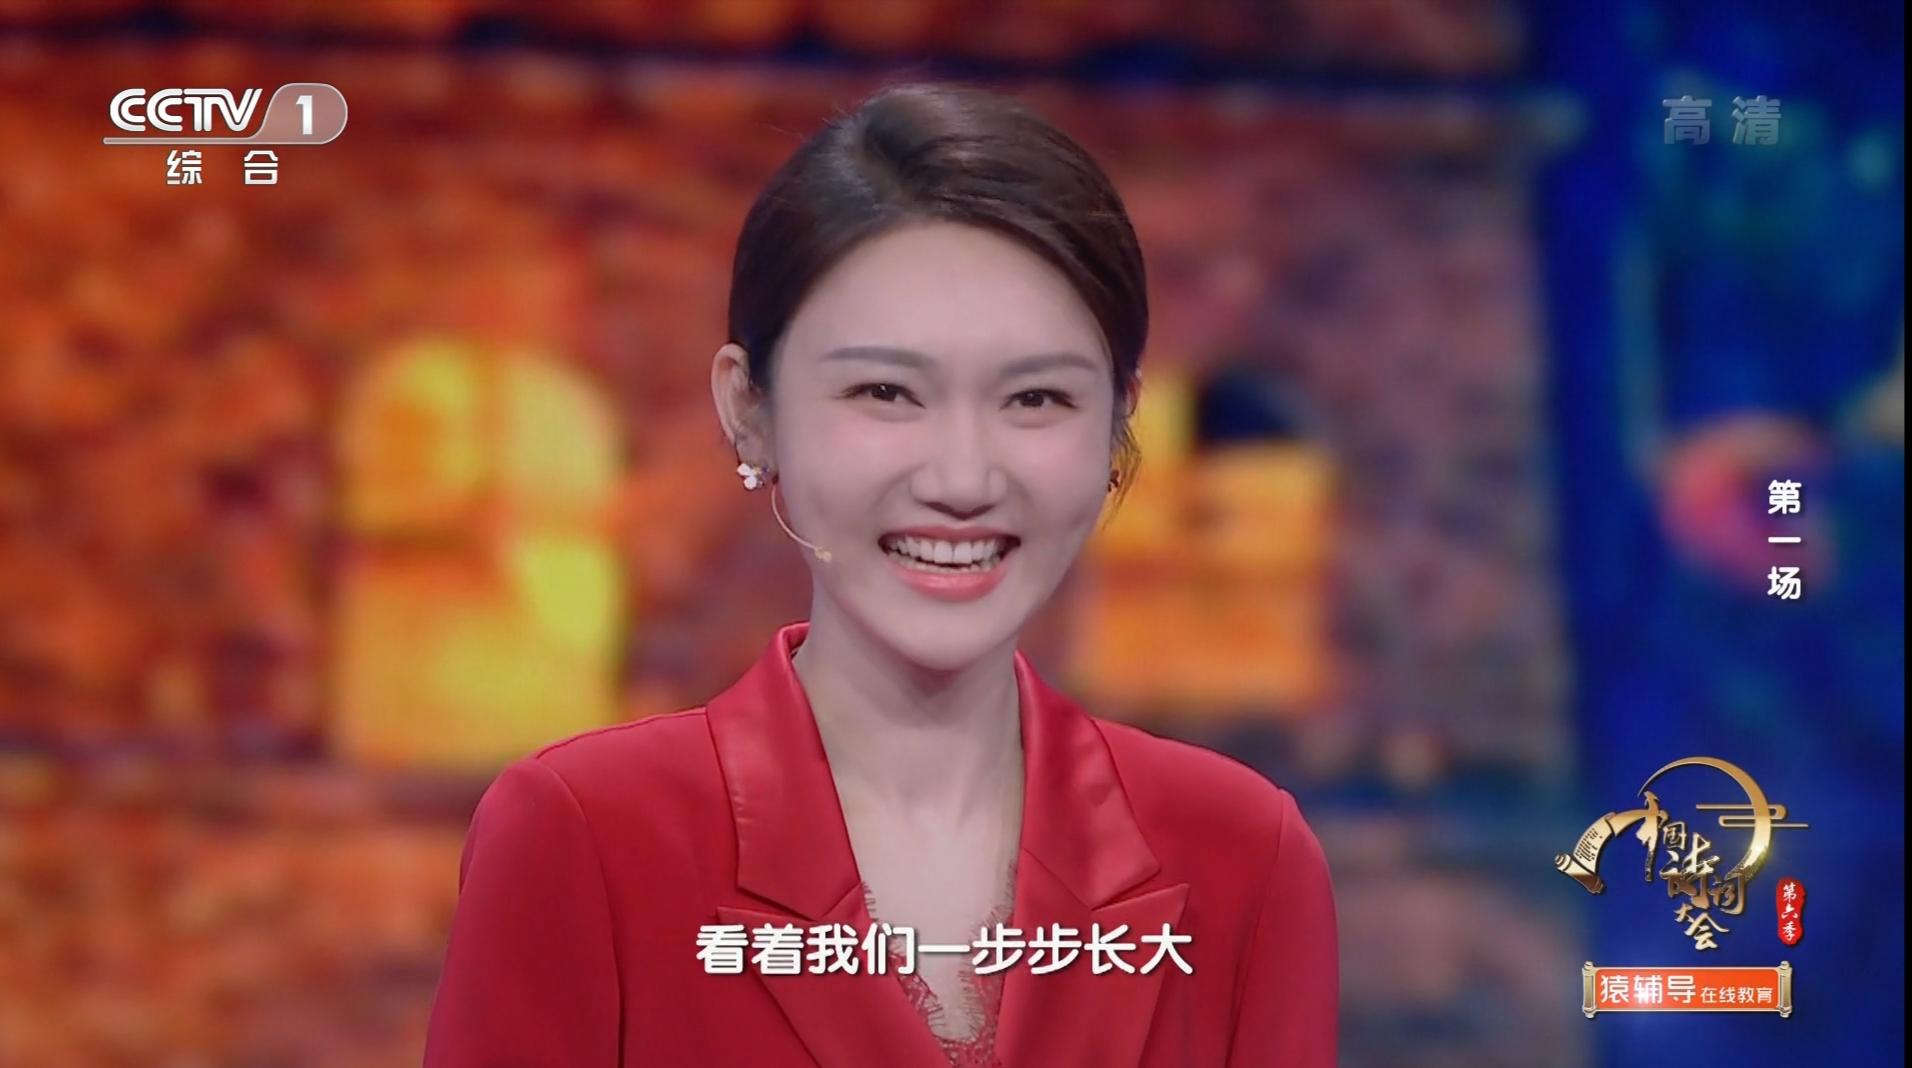 中國詩詞大會:龍洋引用8首詩詞當開場白,笑容可掬,春風拂面